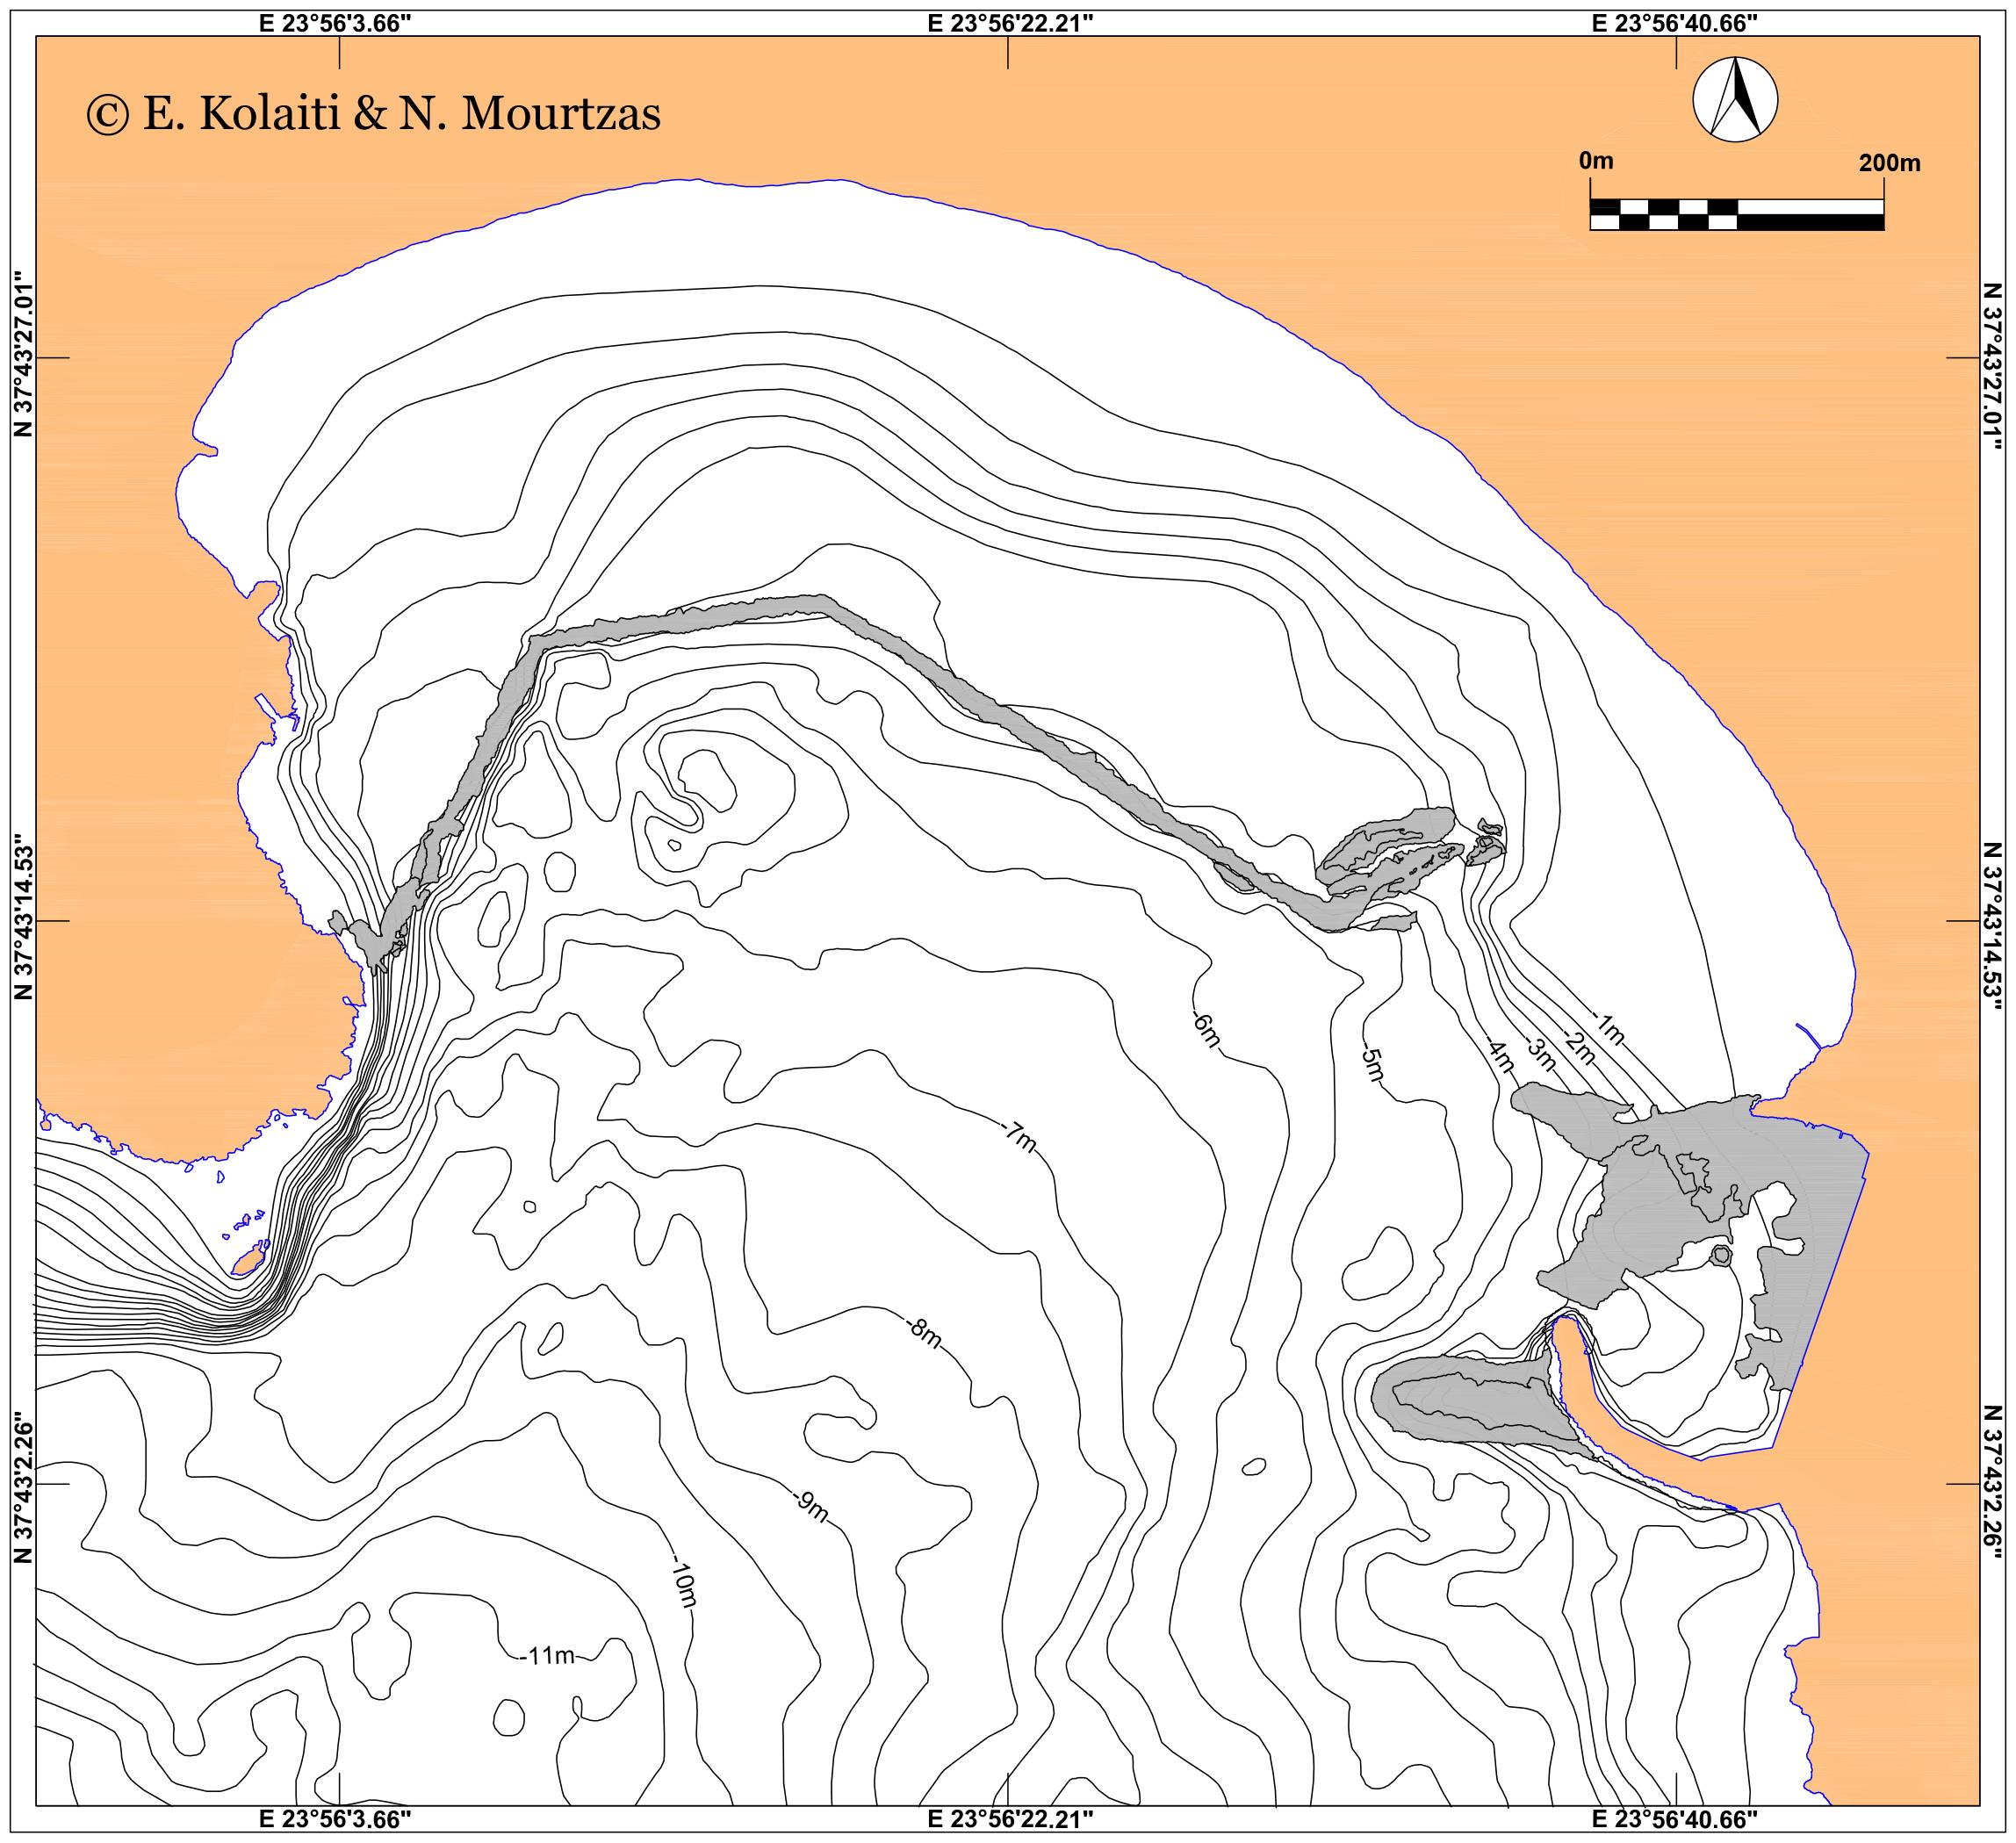 Χάρτης βυθισμένων αρχαίων λιμενικών εγκαταστάσεων στον όρμο της Αναβύσσου (ΝΔ Αττική)